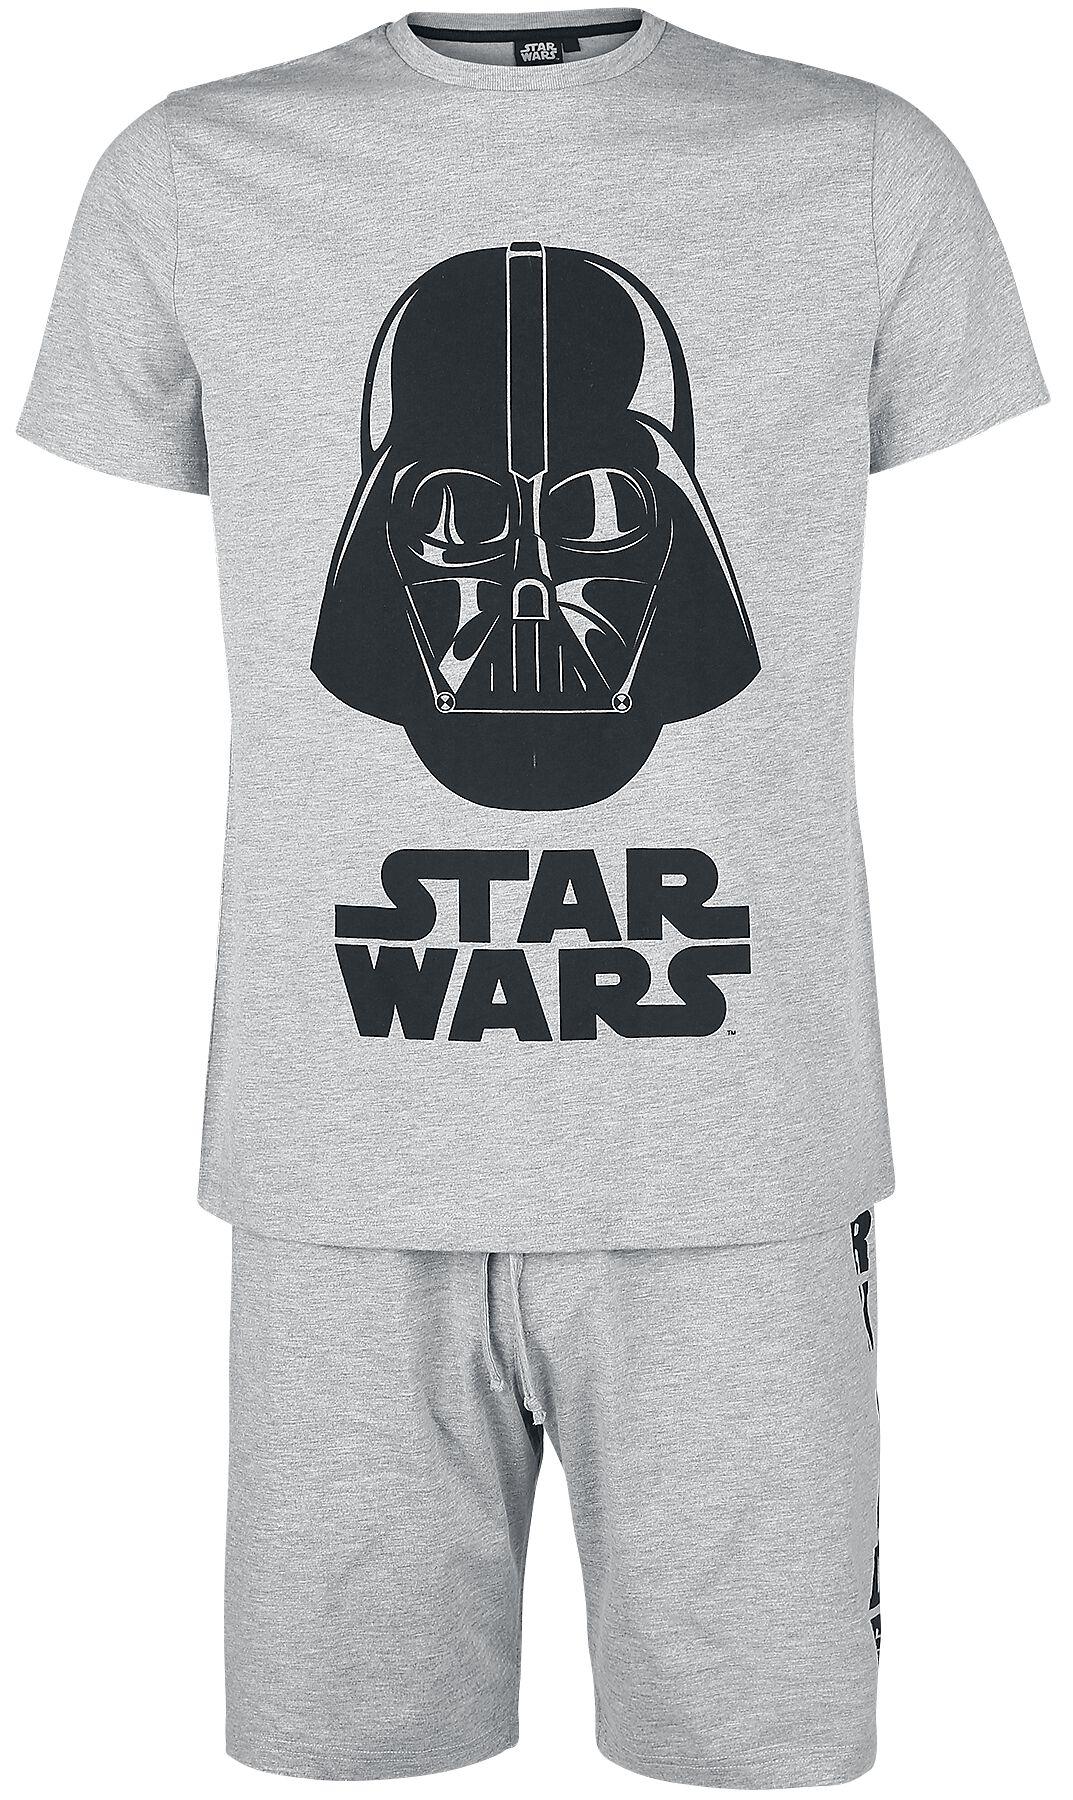 Image of   Star Wars Darth Vader Pyjamas blandet lys grå